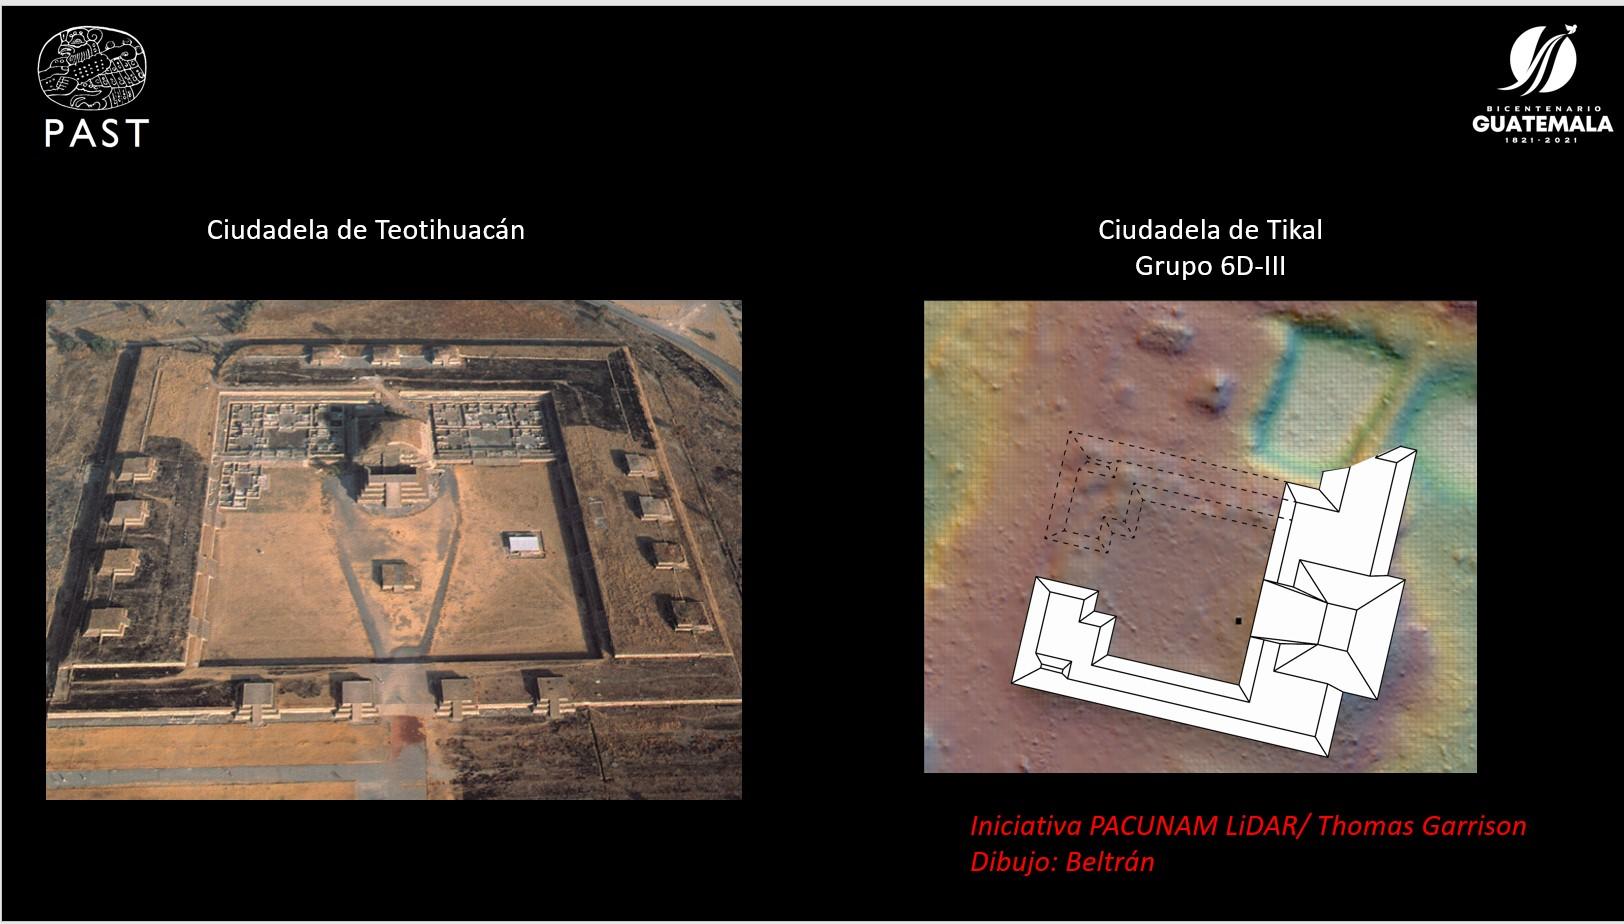 Une diapositive de PACUNAM comparant la Citadelle de Teotihuacan (à gauche) à la forme de la nouvelle structure de Tikal.